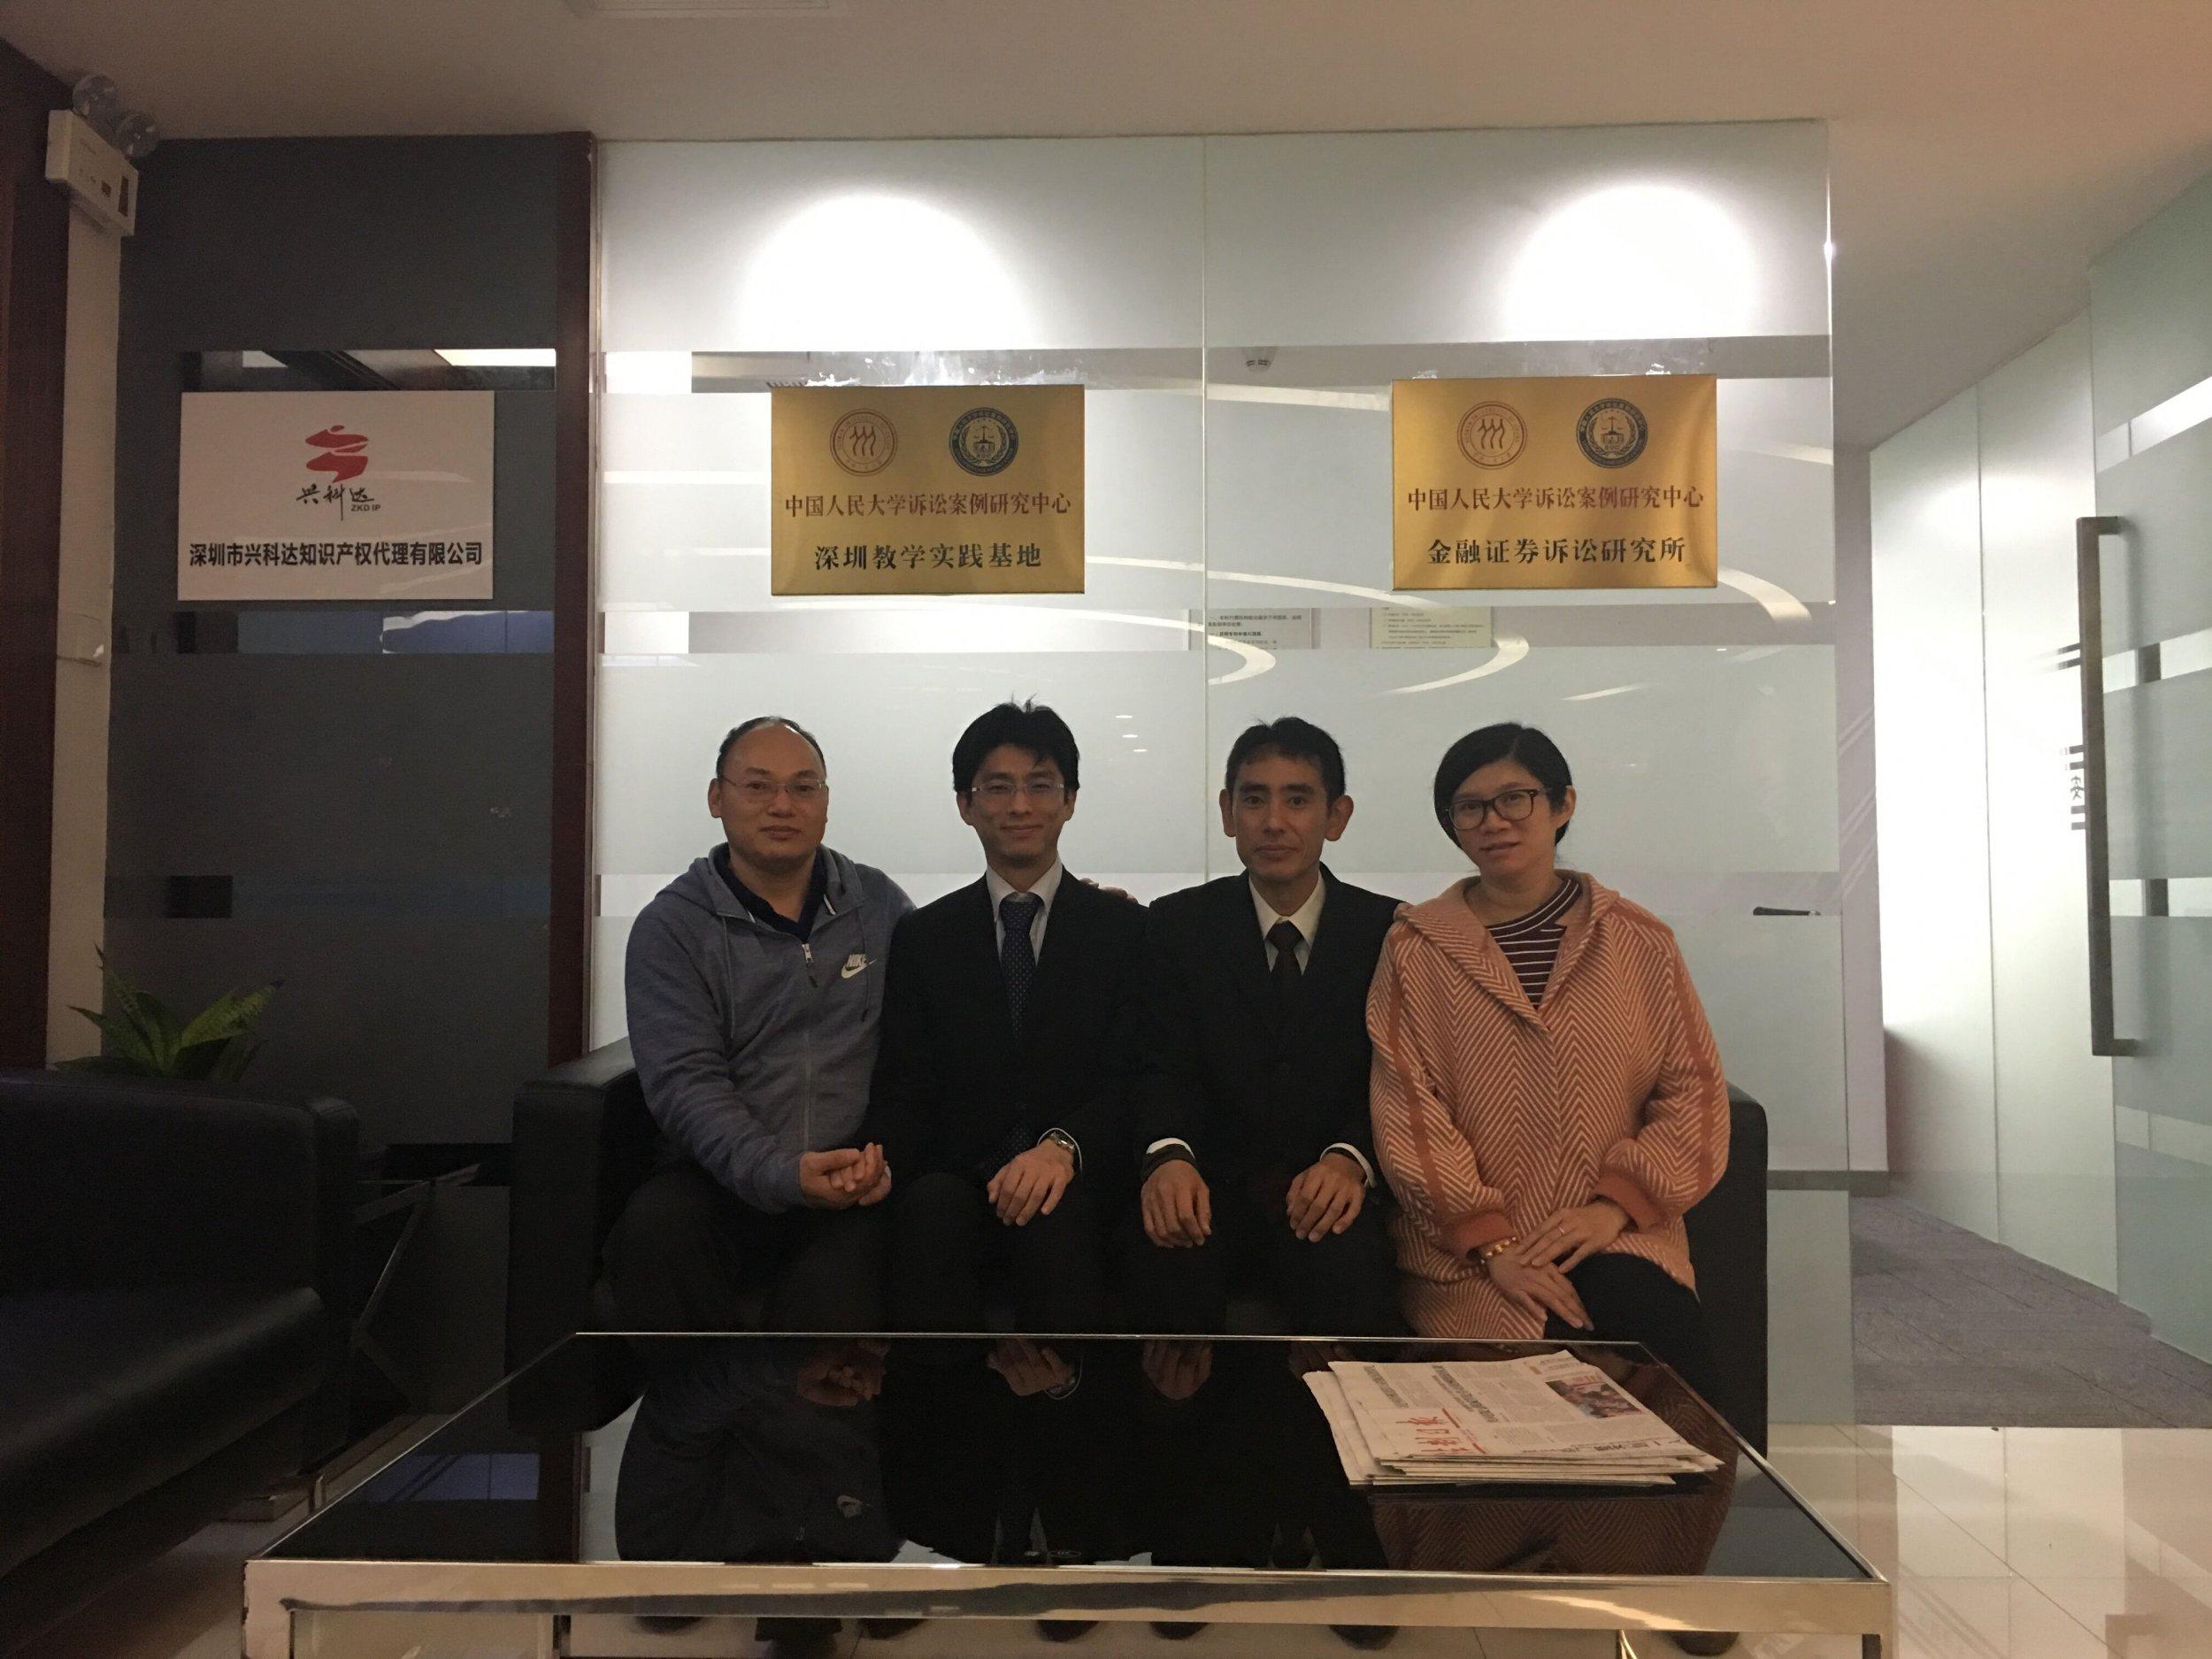 日本后藤专利事务所前来我司进行业务交流